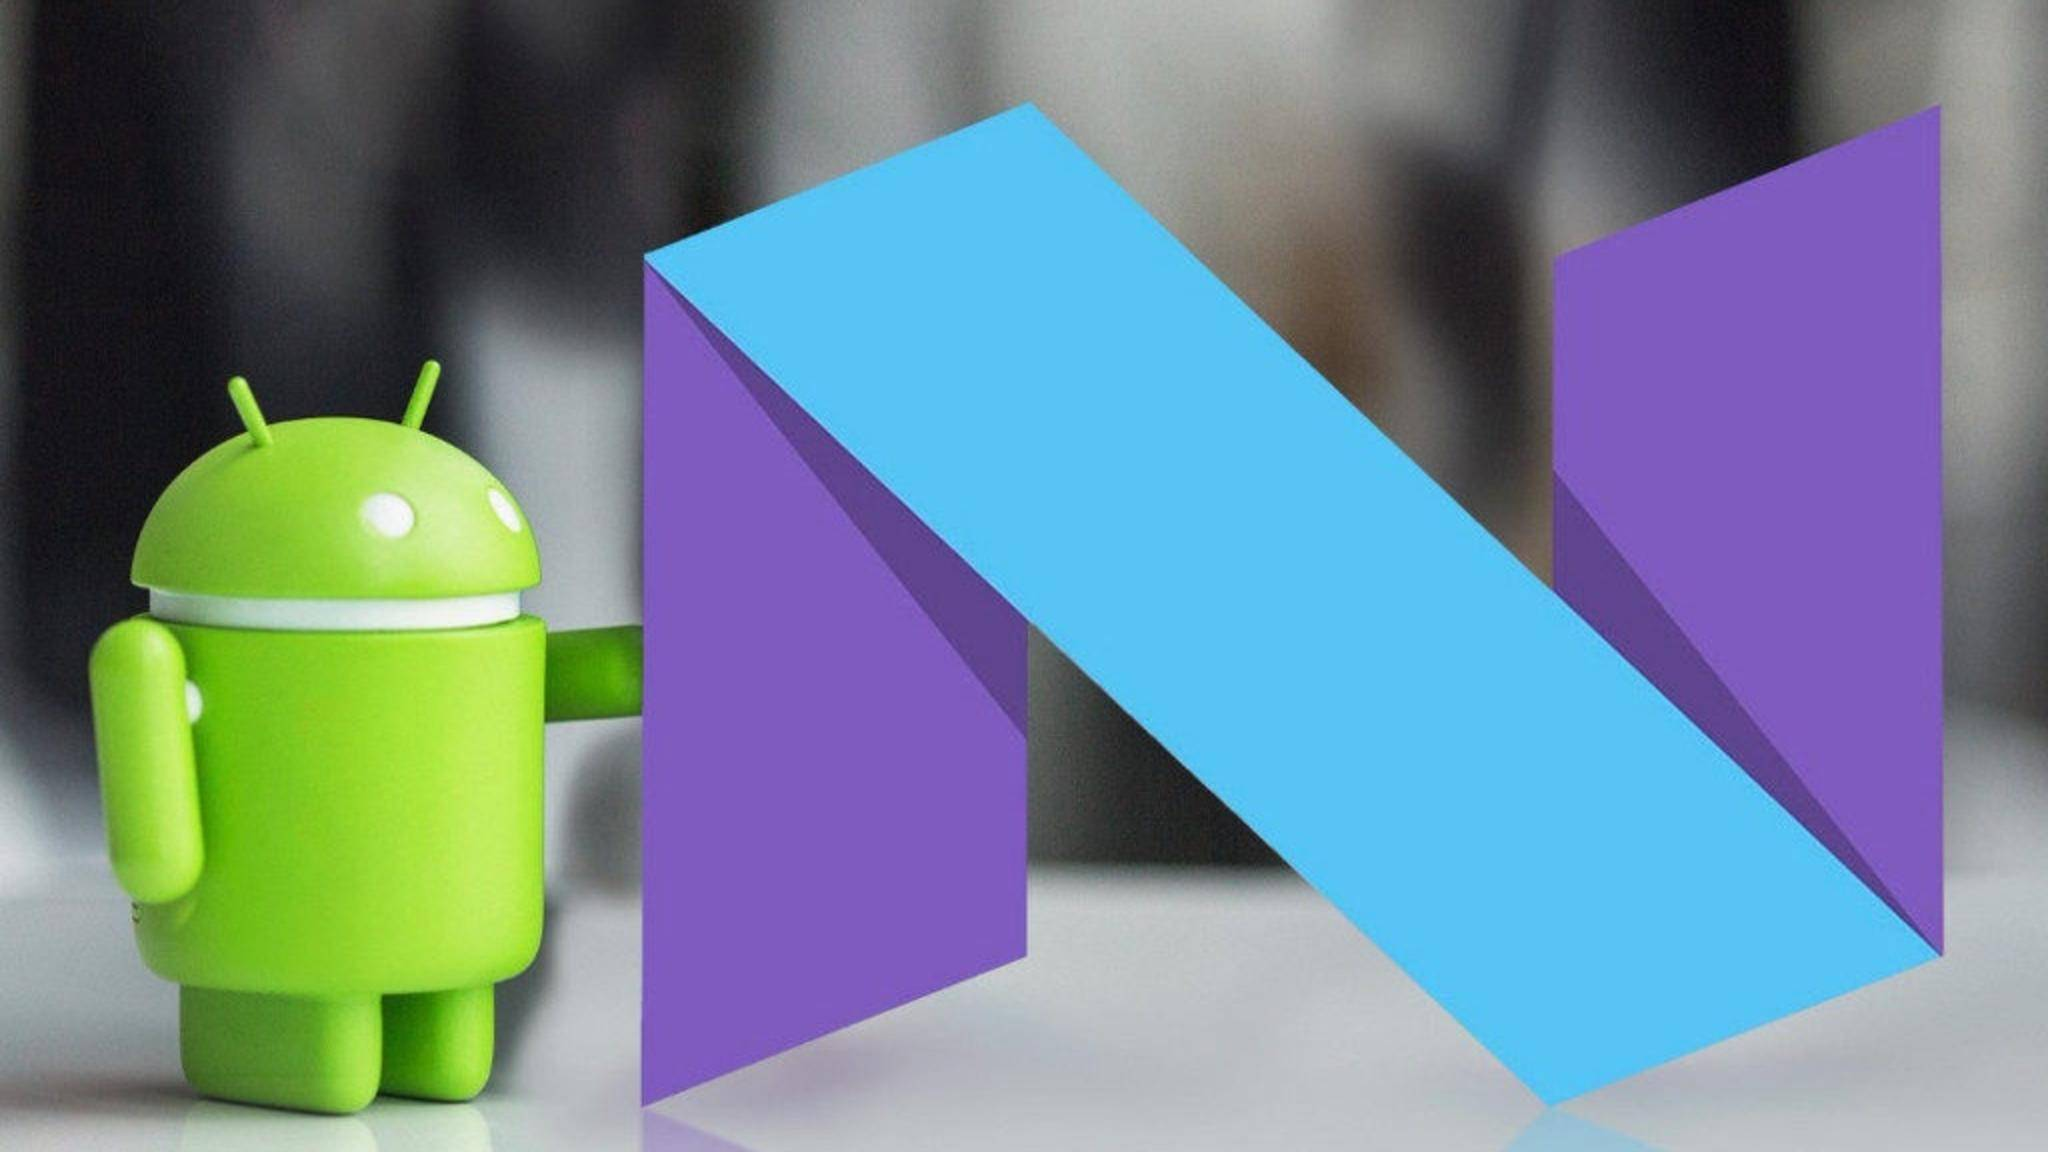 Samsung geht beim Nougat-Update direkt auf Android 7.1.1.